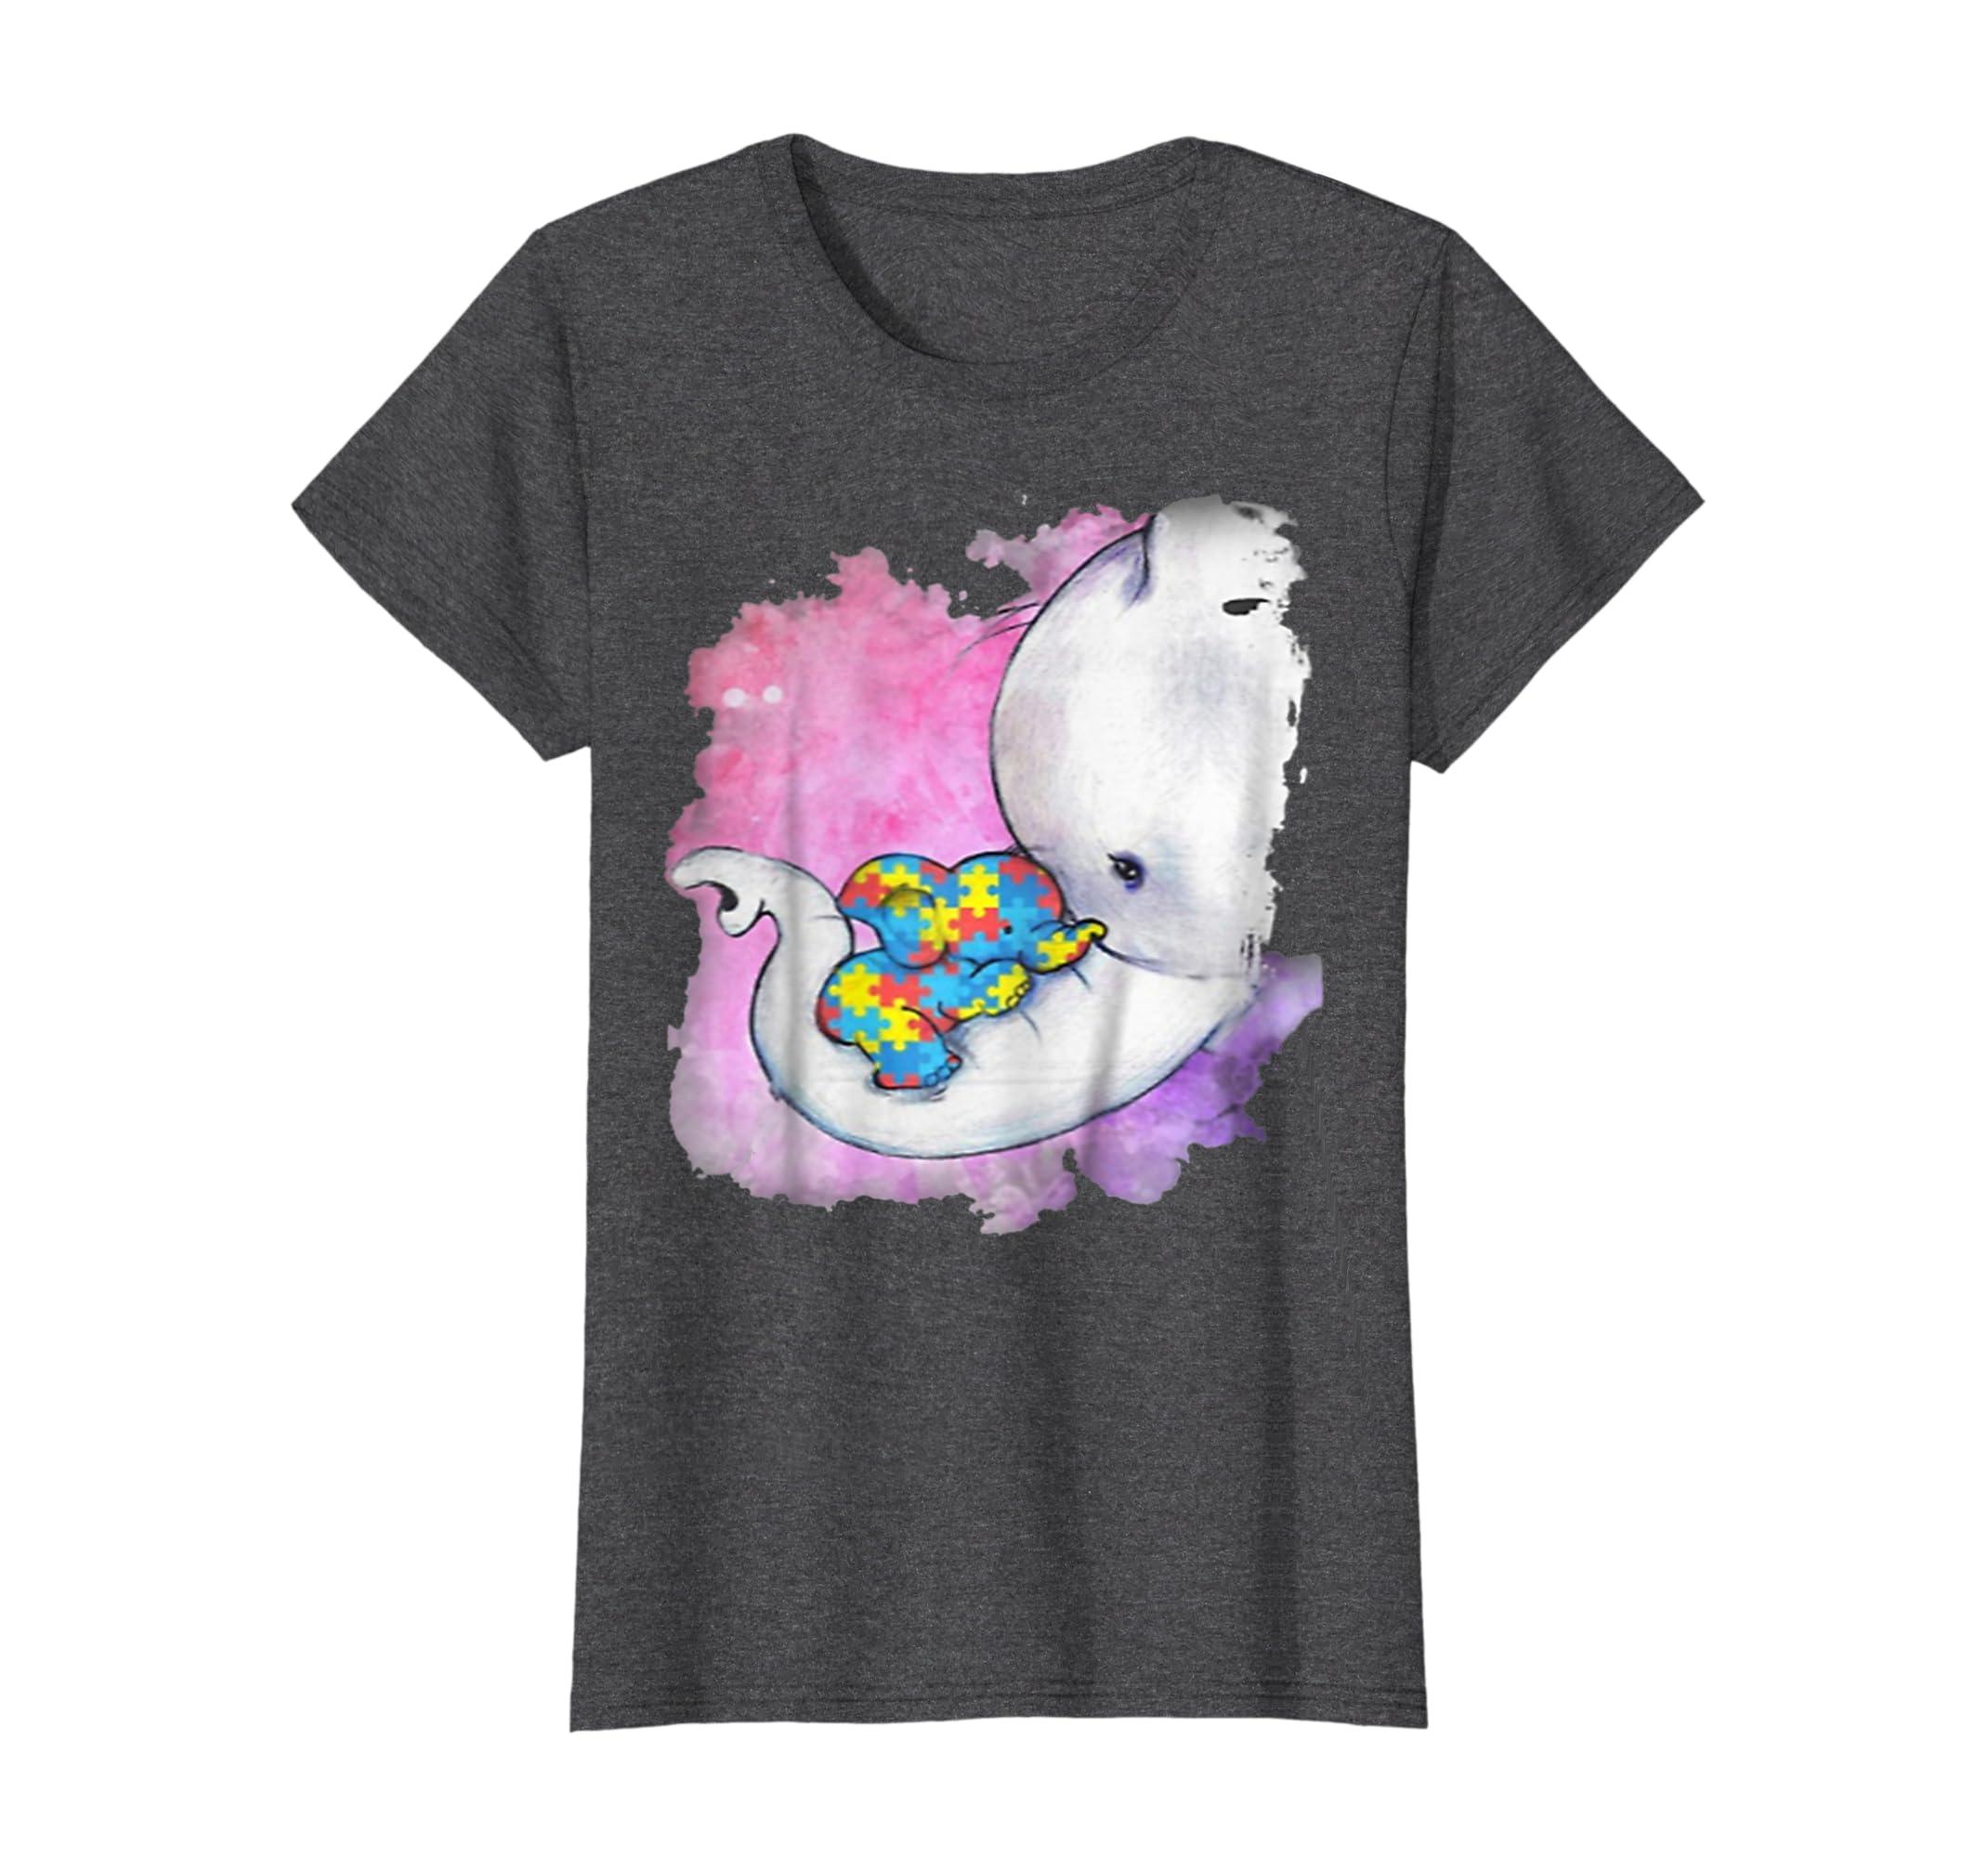 Autism baby elephant and mama T-shirt-Awarplus